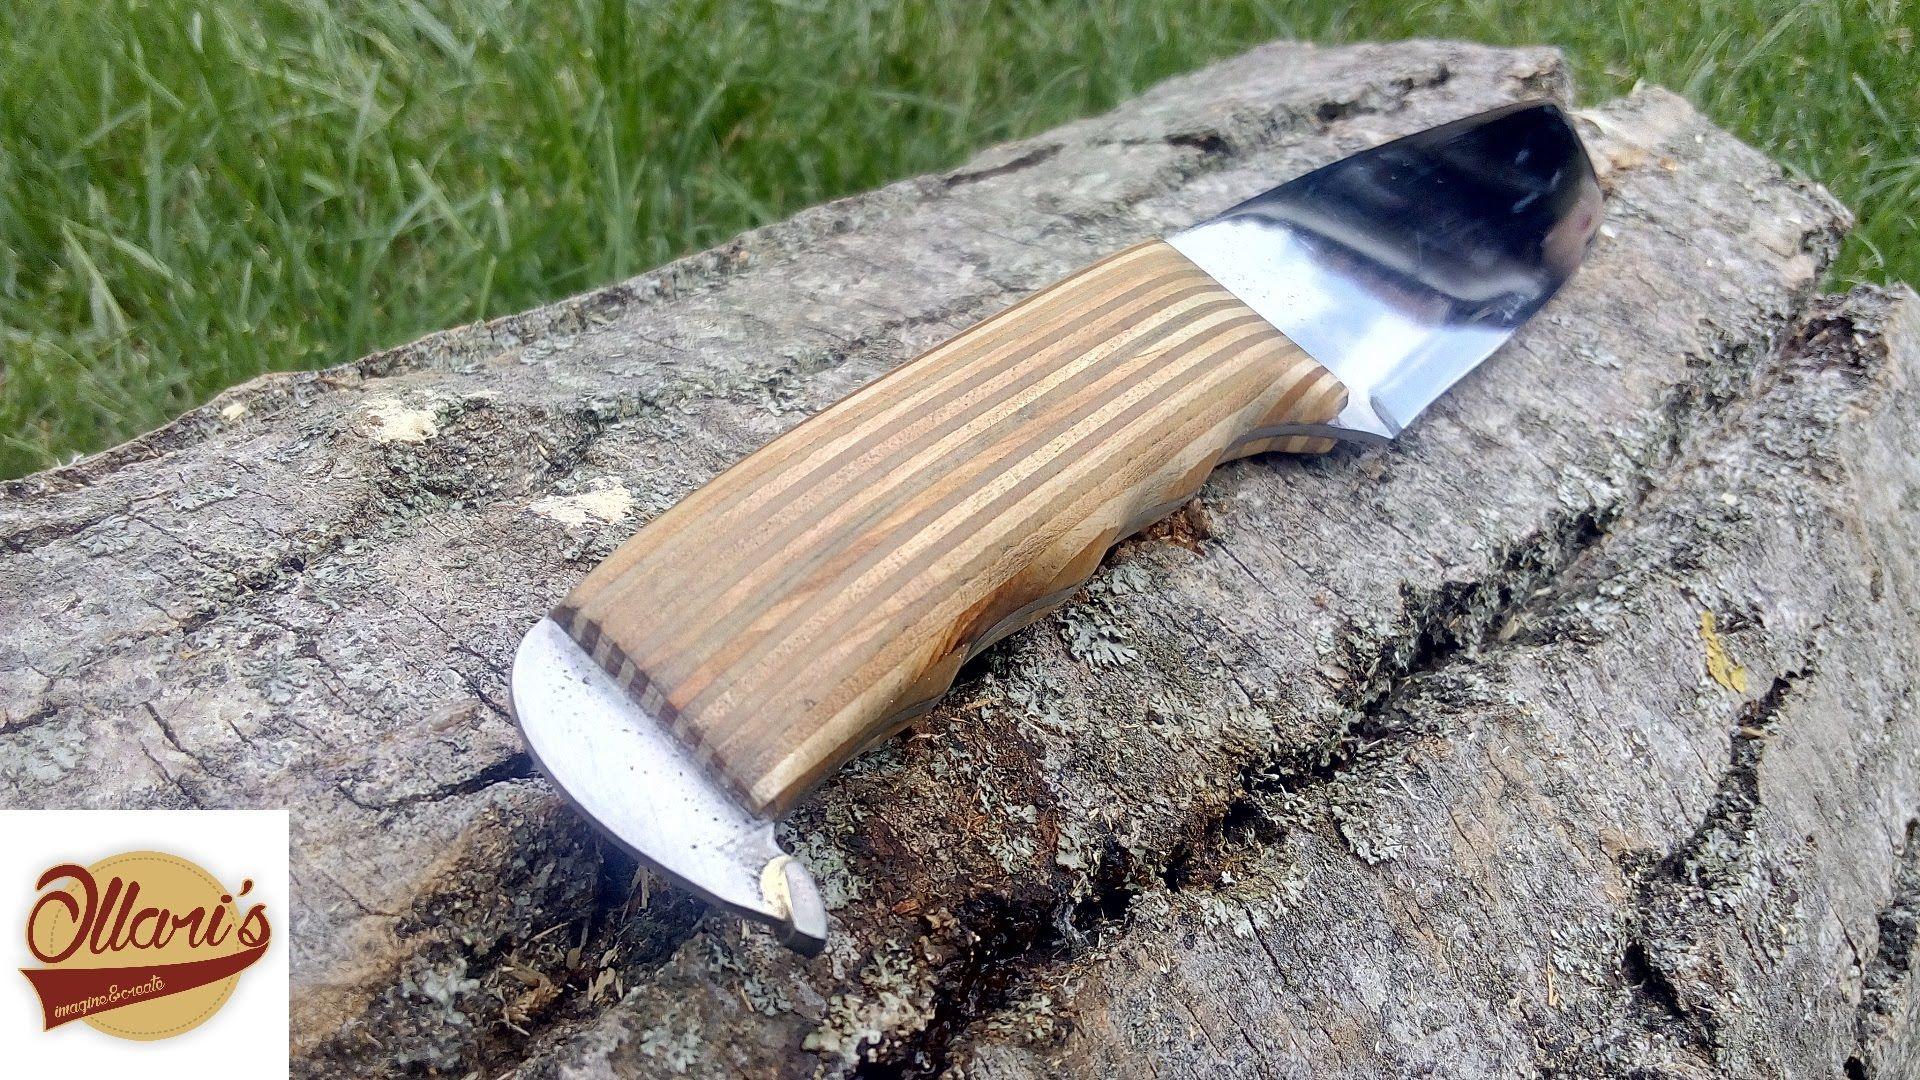 How i make a saw blade knife plywood handle knife